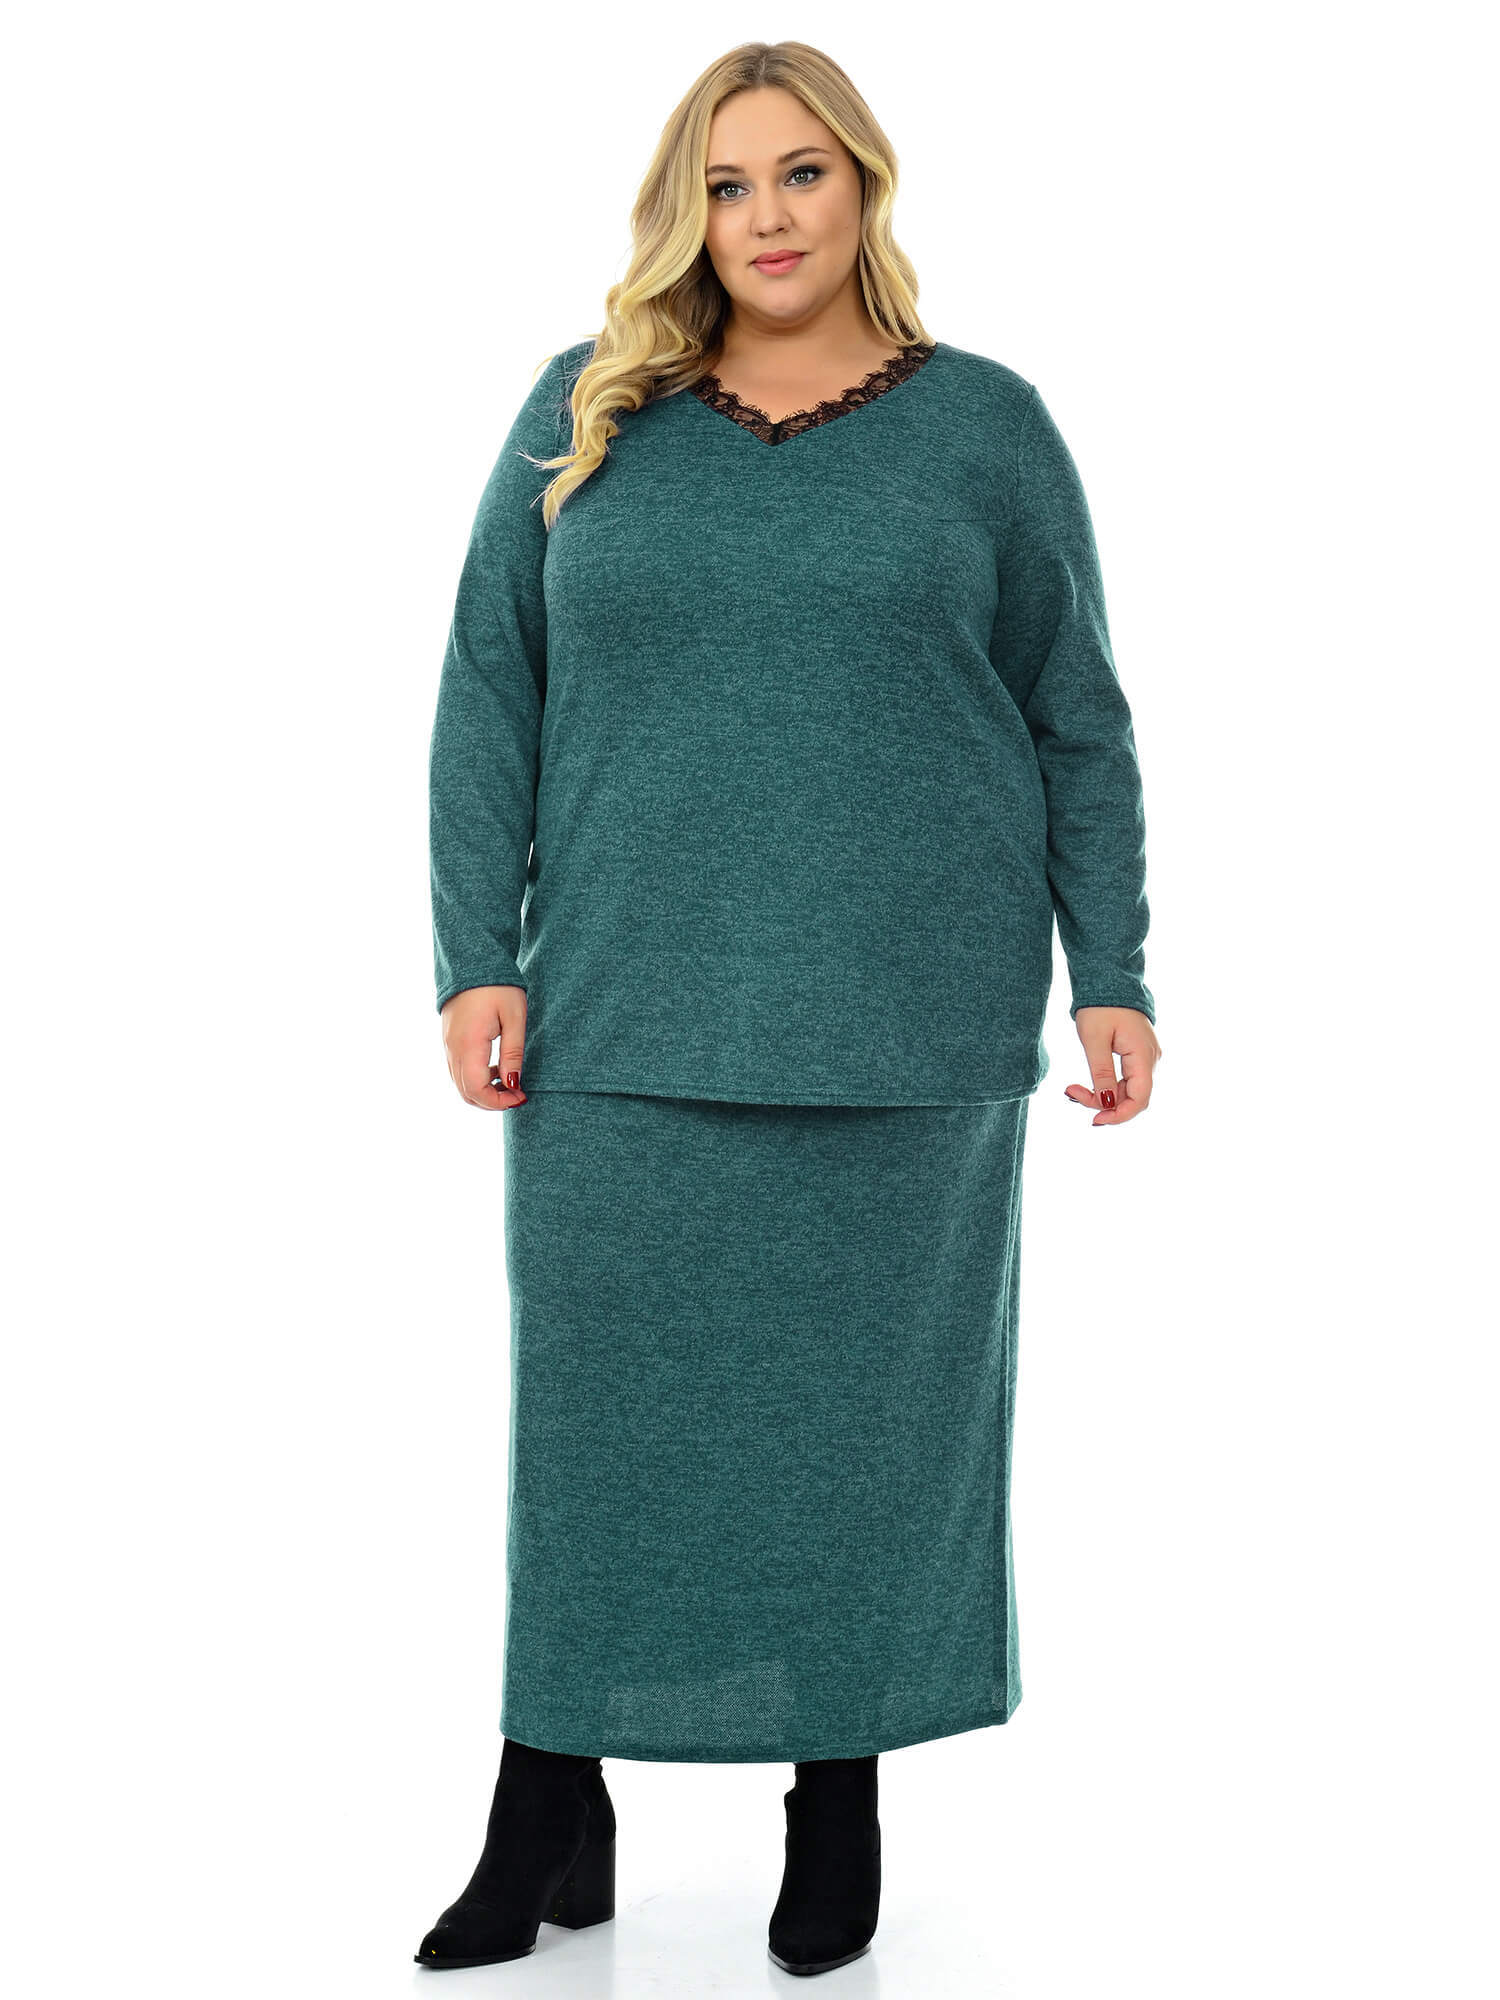 Длинная прямая юбка из джерси меланж